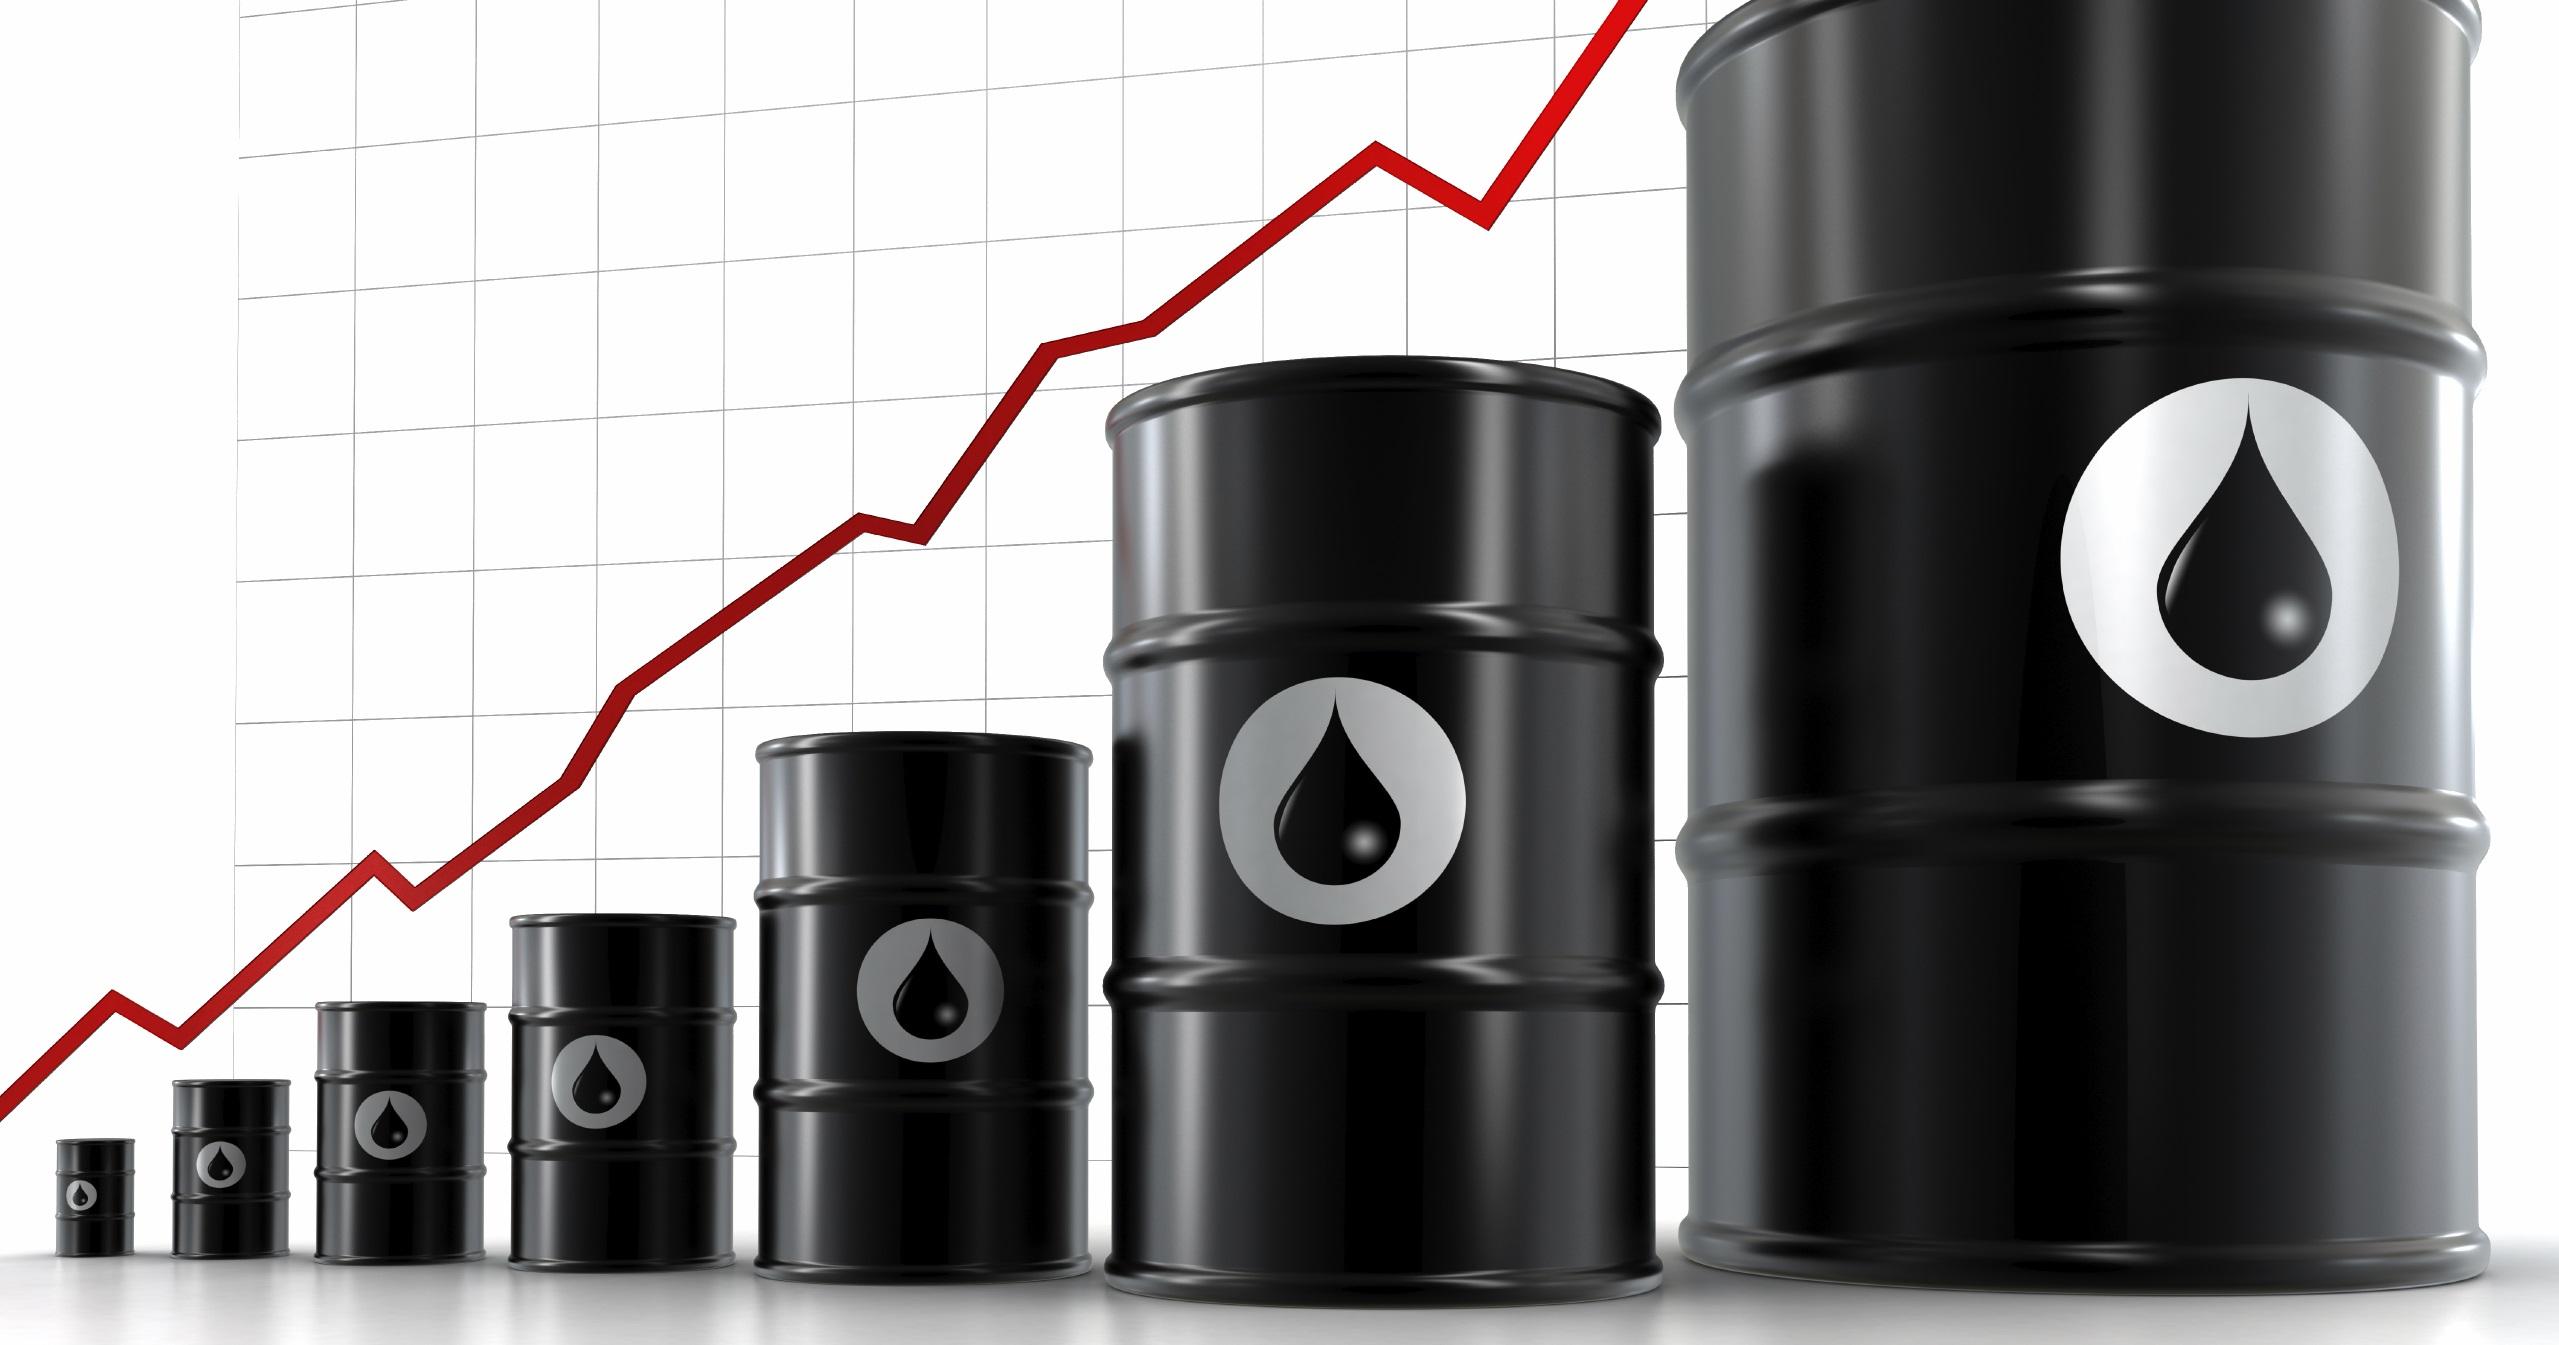 ردپای آمریکا در دستکاری قیمت نفت/ نفس طلای سیاه به شمارش افتاد